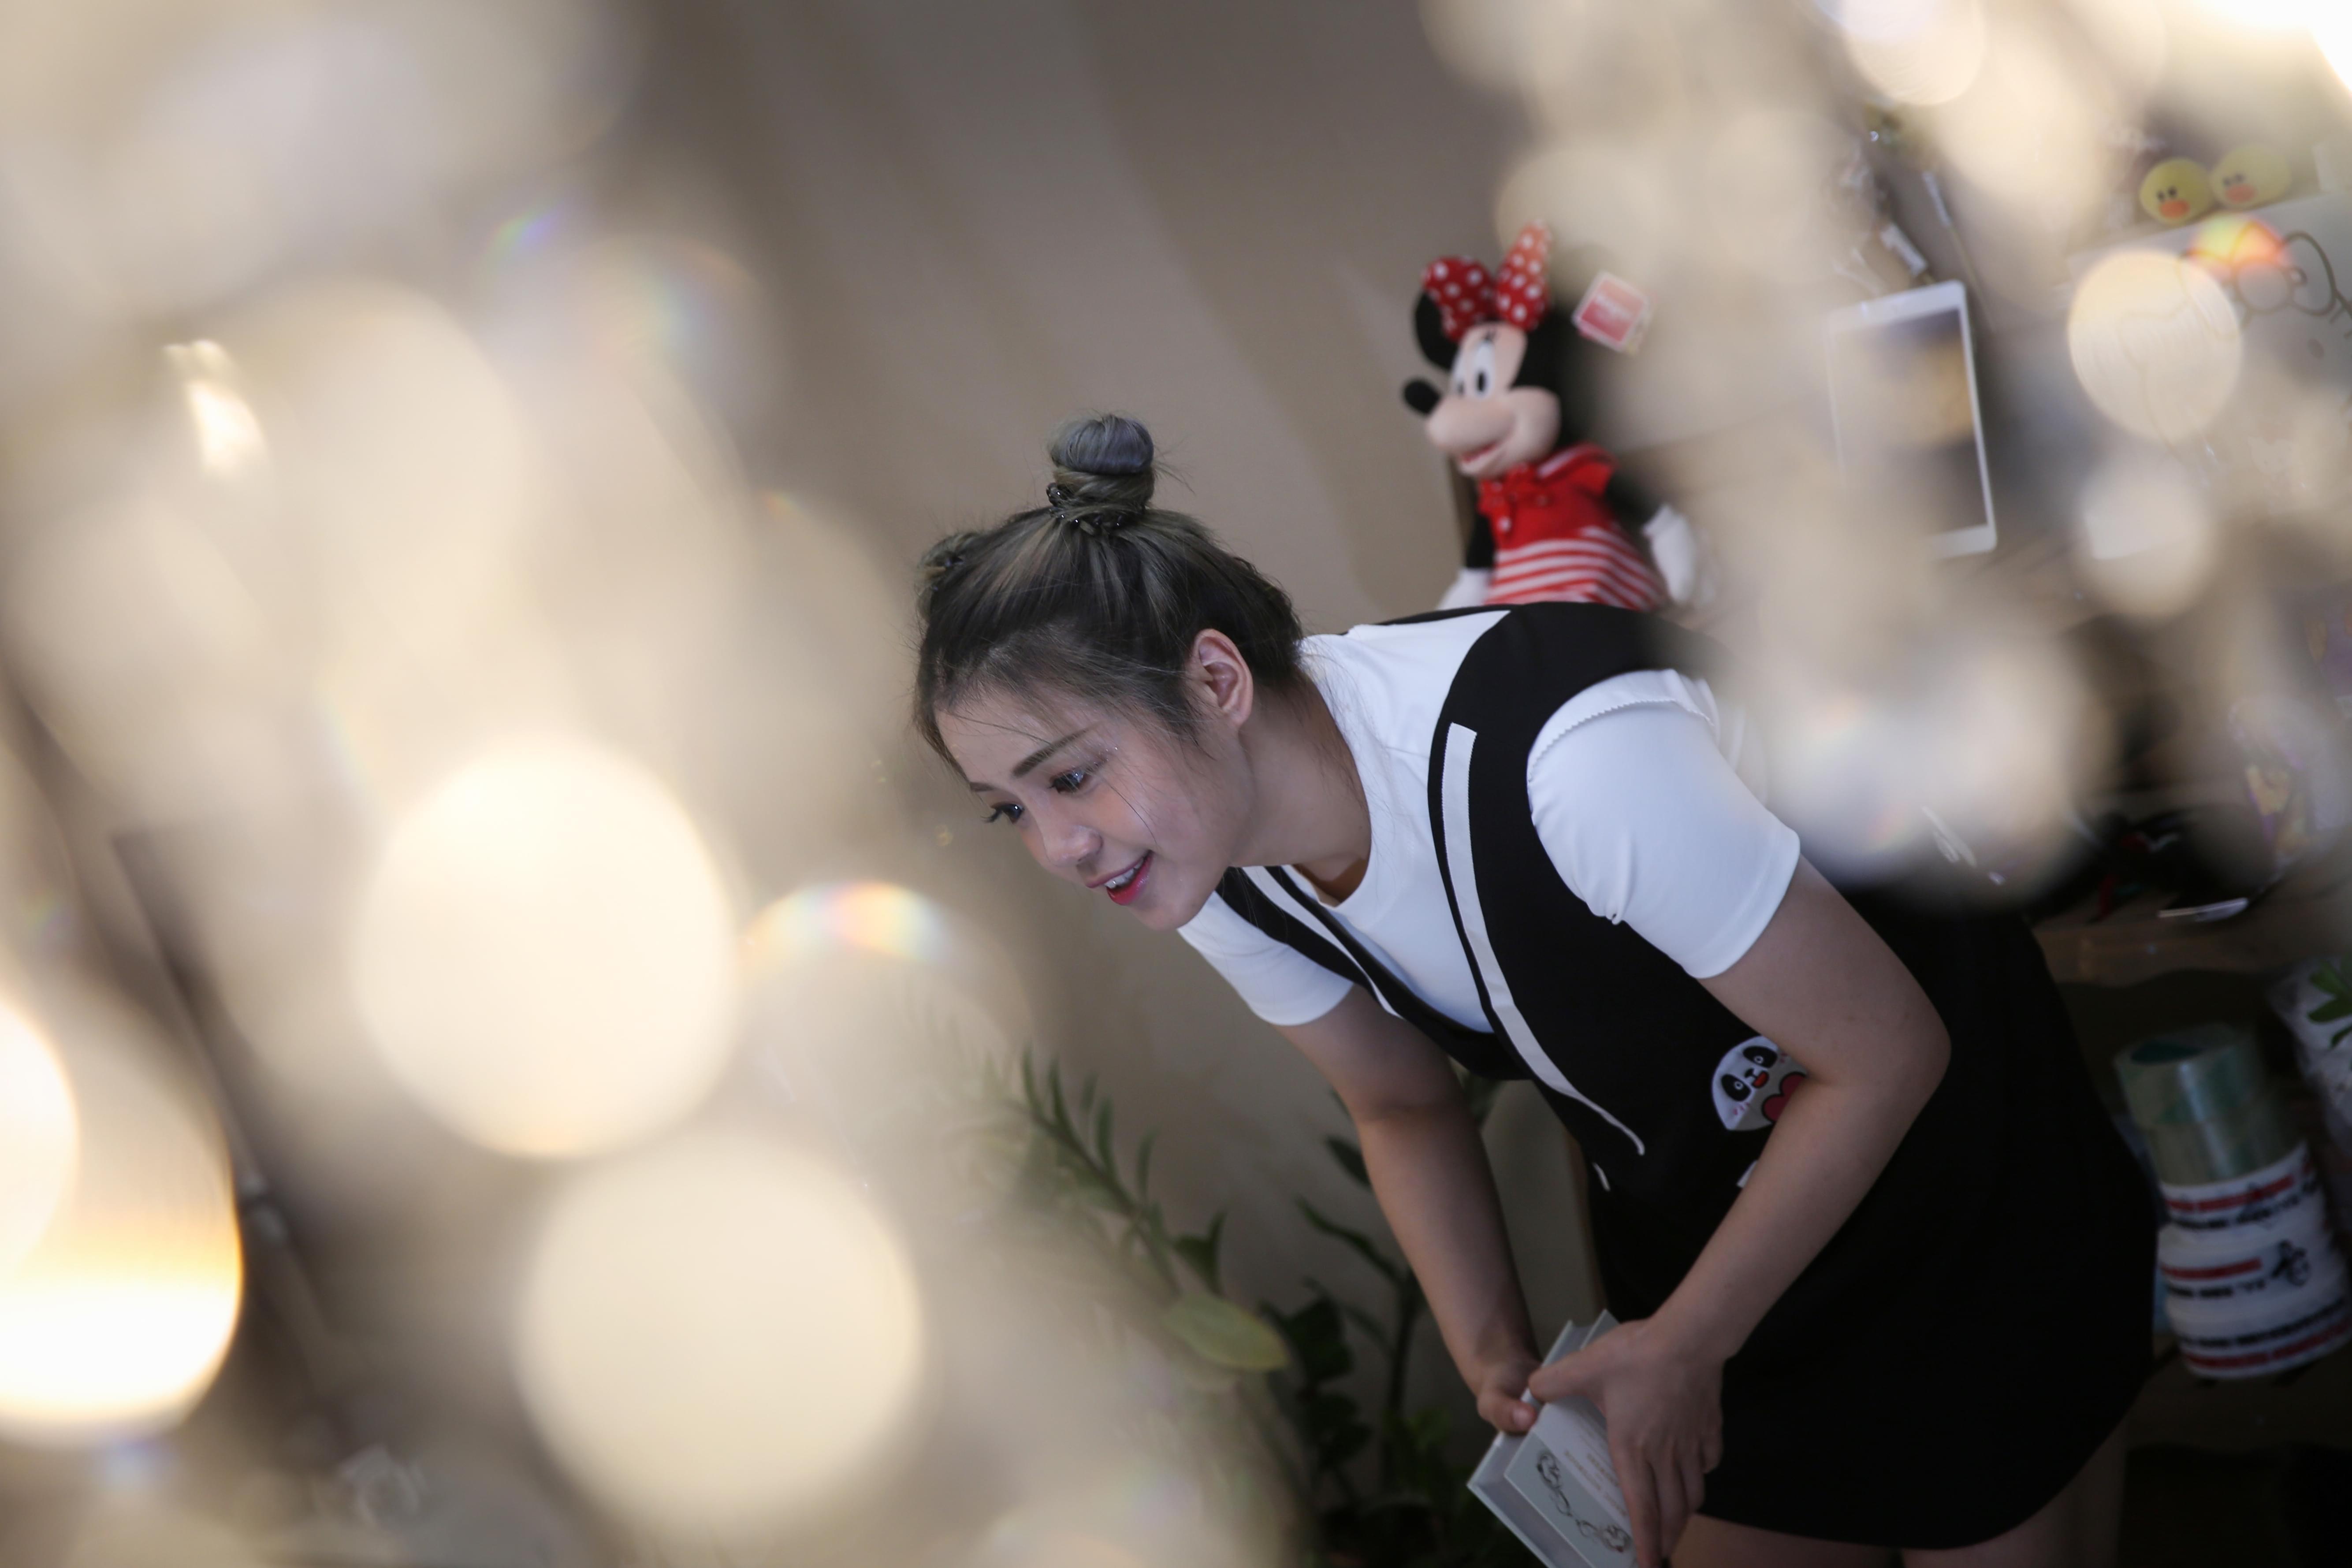 2016年9月4日,北京。北漂农村女孩成网红,一月赚80000元。/视觉中国